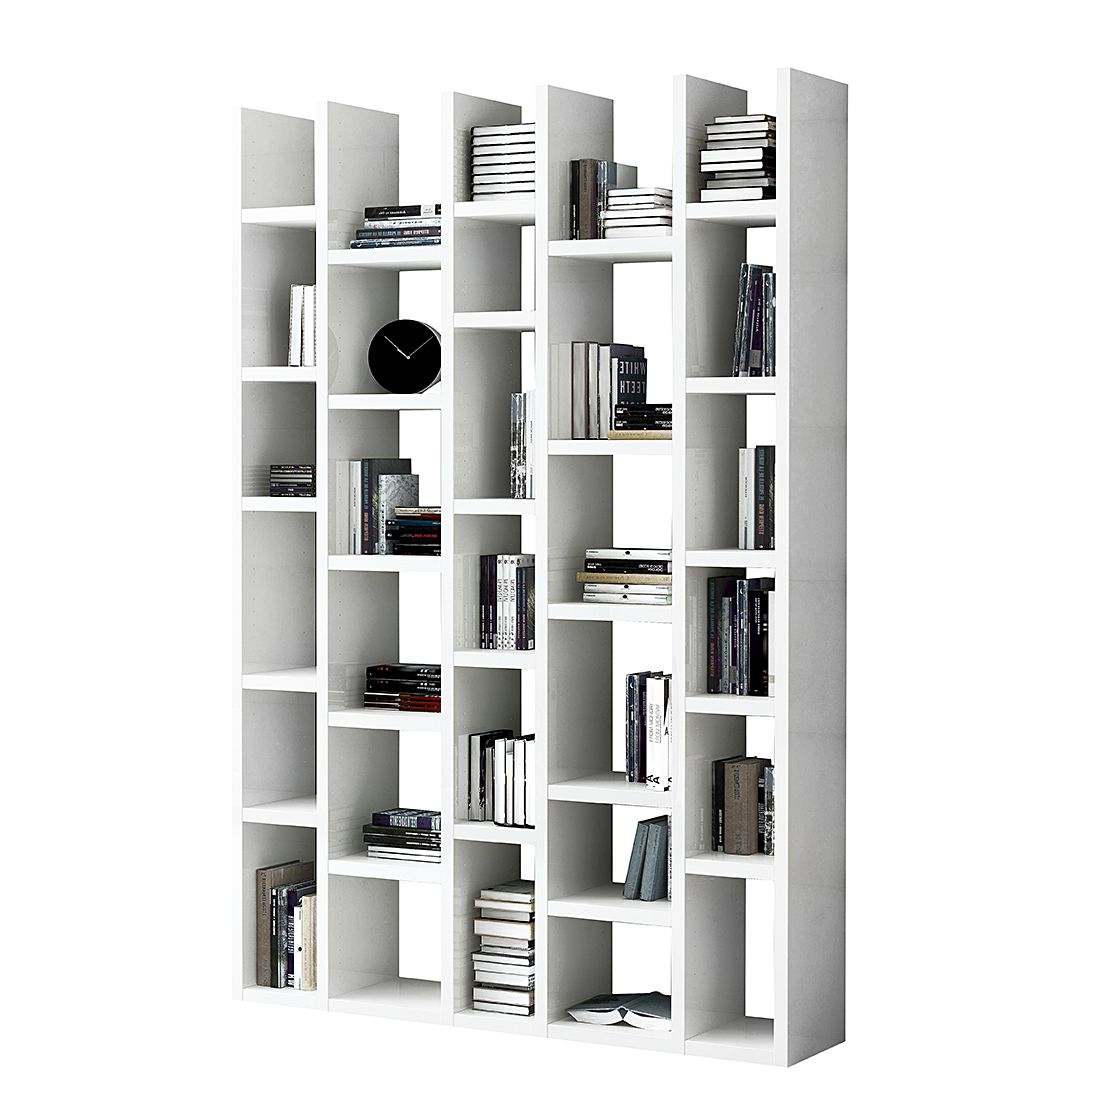 eckschrank wohnzimmer. Black Bedroom Furniture Sets. Home Design Ideas